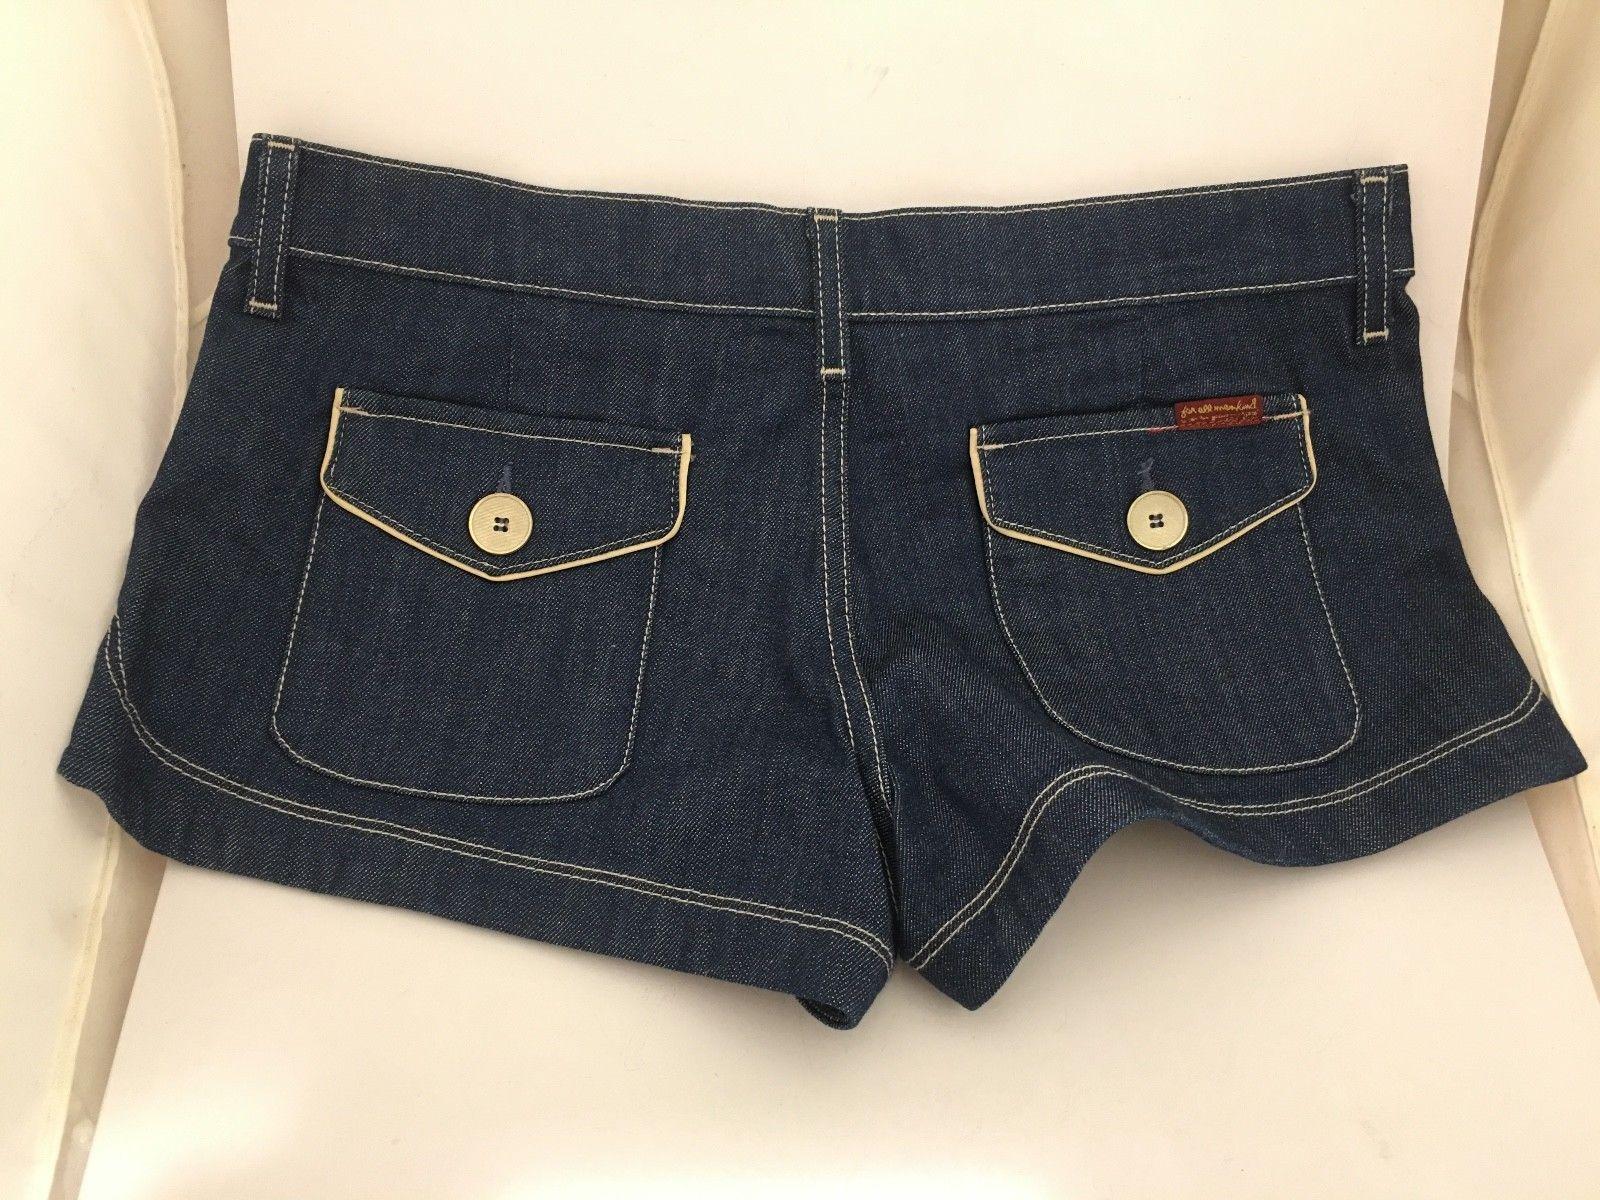 7 For All Mankind Shorts Denim Medium Dark Blue Cotton Jeans Women 30 32 10